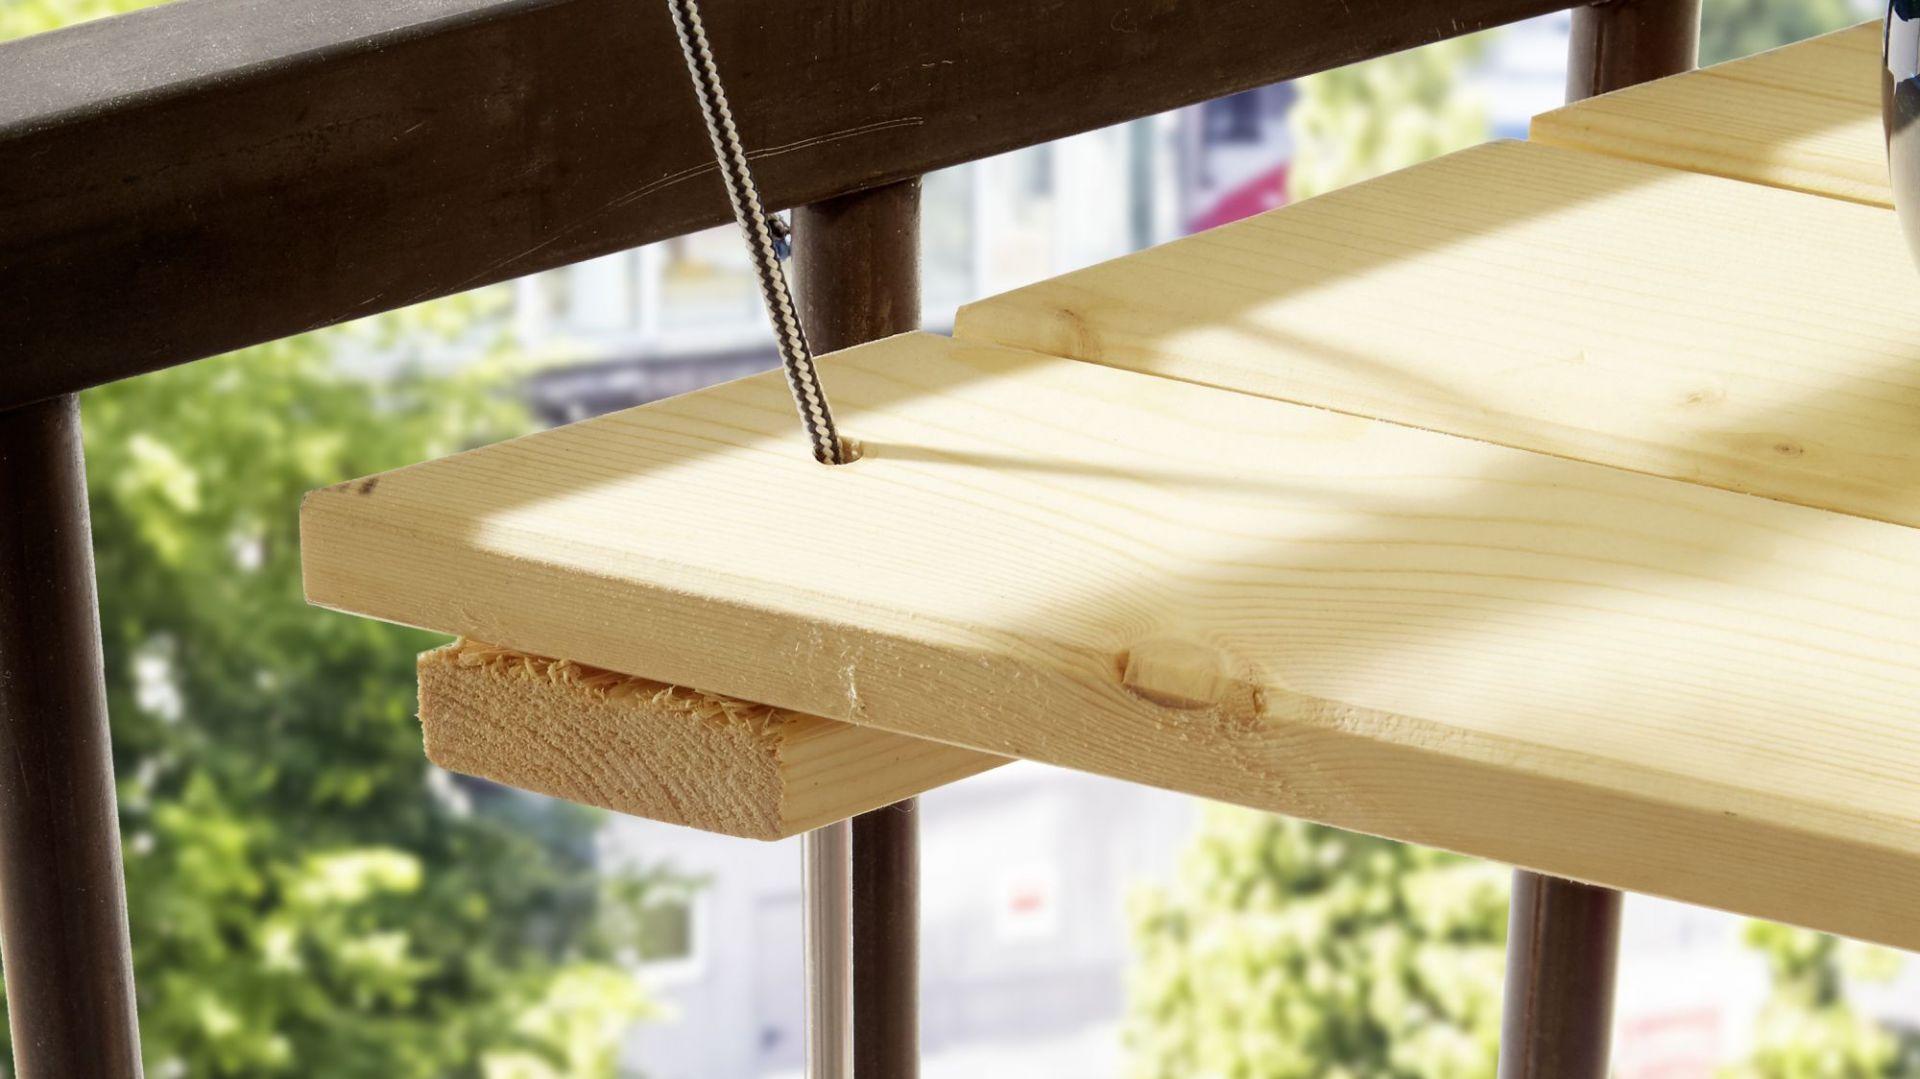 Stolik-ławka jest stabilny i wygodny w użytkowaniu. Fot. Bosch